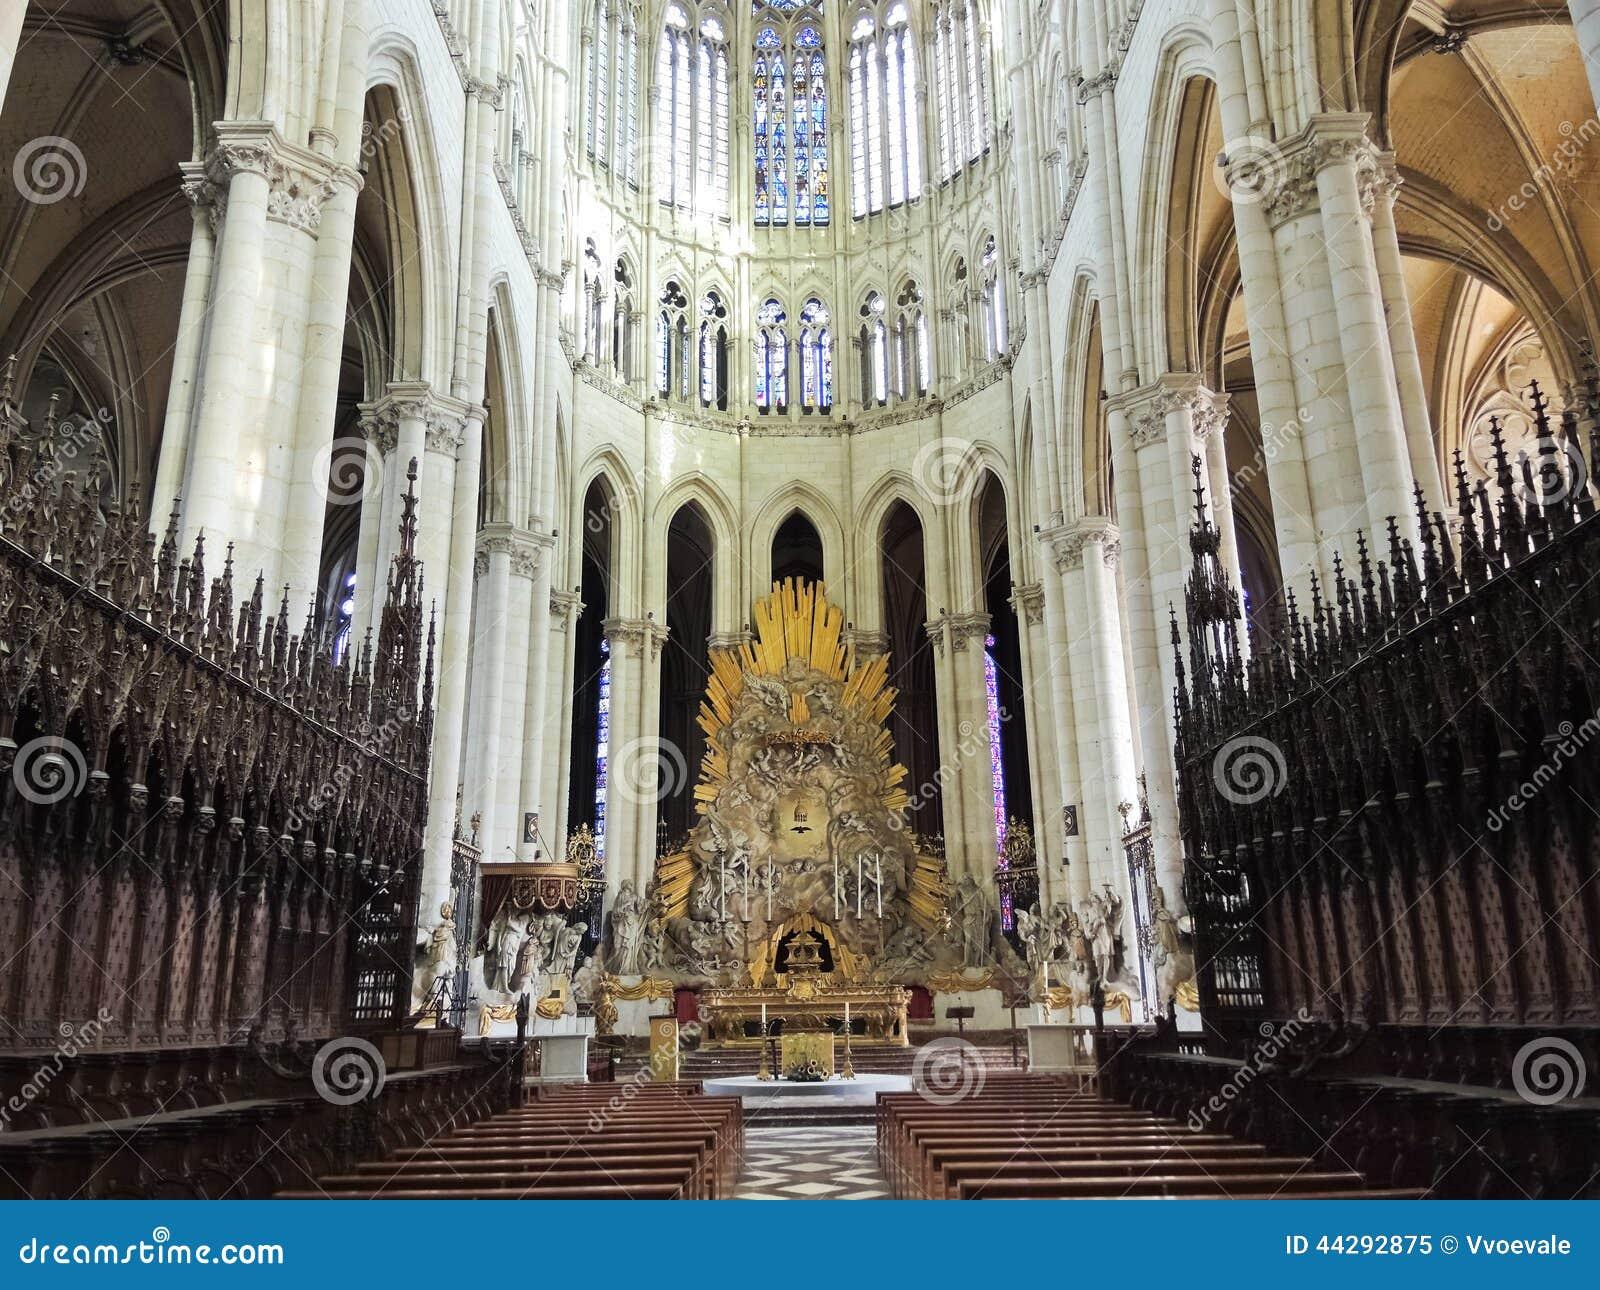 kirchenschiff von amiens kathedrale frankreich redaktionelles bild bild von unser basilica. Black Bedroom Furniture Sets. Home Design Ideas